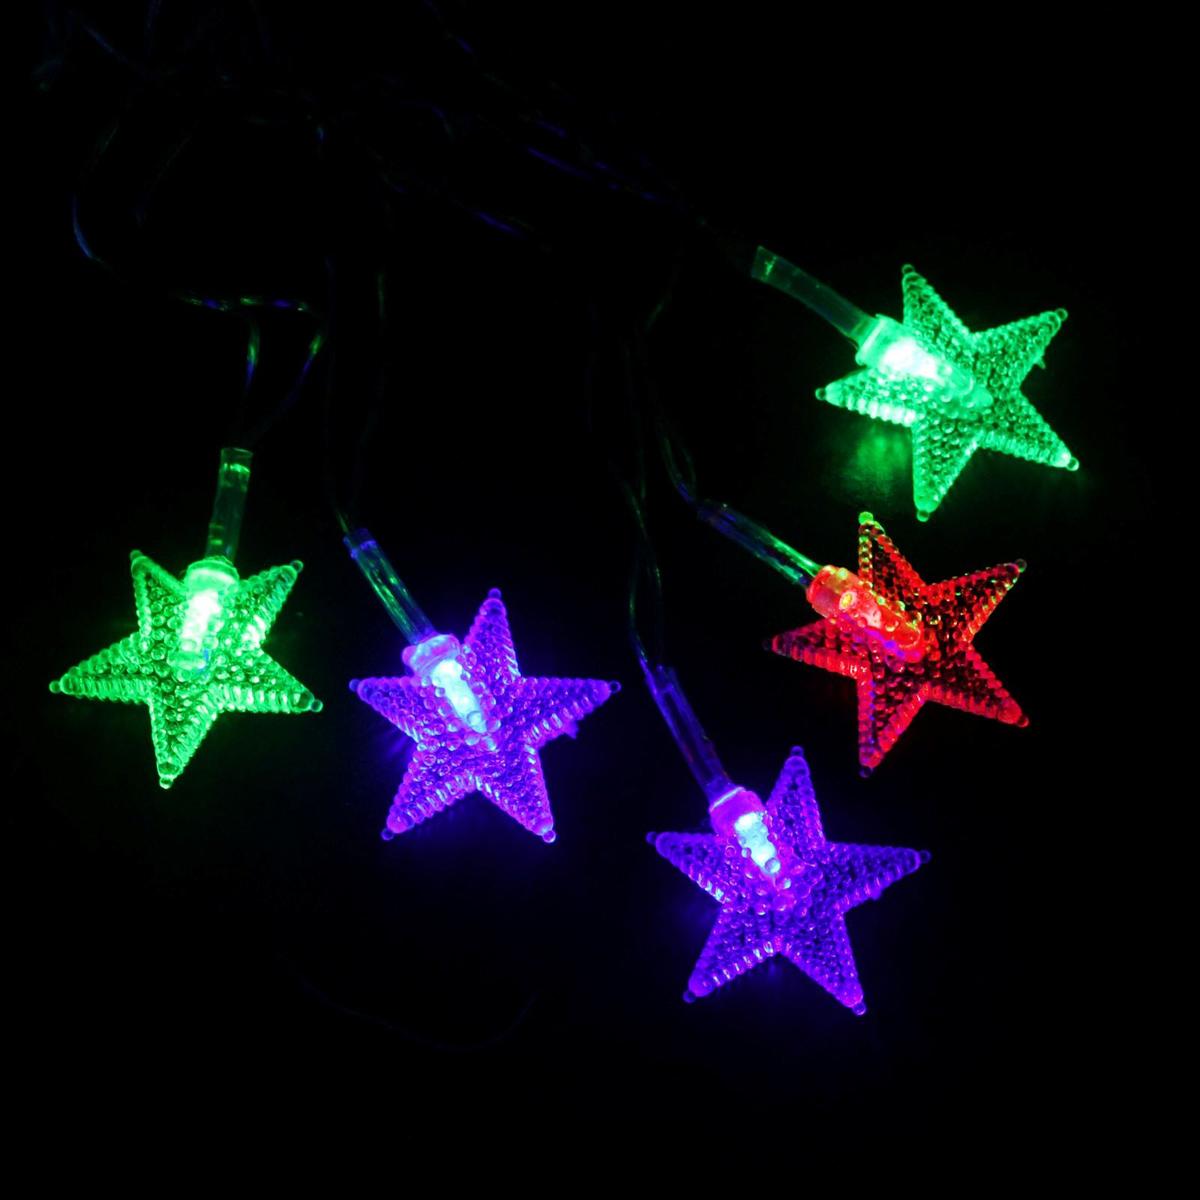 Гирлянда светодиодная Luazon Метраж. Звезда в крапинку, 20 ламп, 220 V, длина 5 м541536Светодиодные гирлянды и ленты — это отличный вариант для новогоднего оформления интерьера или фасада. С их помощью помещение любого размера можно превратить в праздничный зал, а внешние элементы зданий, украшенные ими, мгновенно станут напоминать очертания сказочного дворца. Такие украшения создают ауру предвкушения чуда. Деревья, фасады, витрины, окна и арки будто специально созданы, чтобы вы украсили их светящимися нитями.